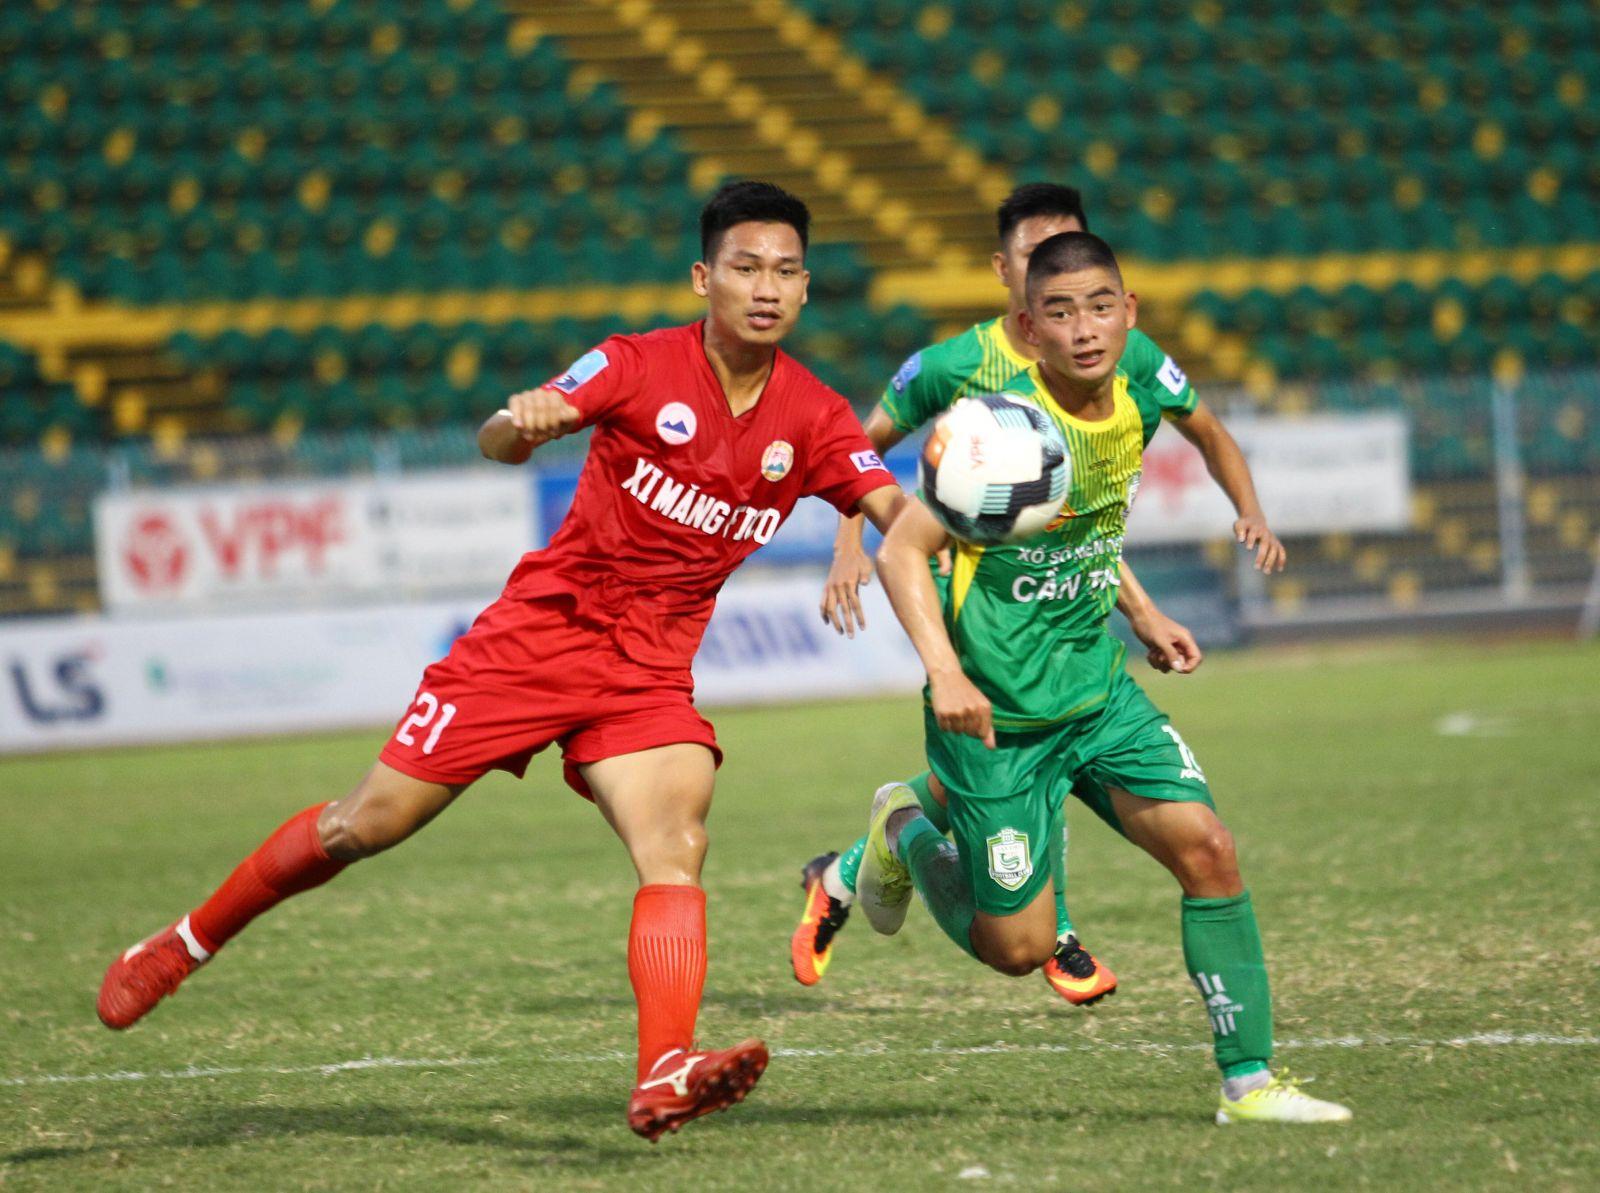 Cầu thủ Minh Ngọc của Cần Thơ (phải) nỗ lực tranh bóng với cầu thủ Tây Ninh. NGUYỄN MINH